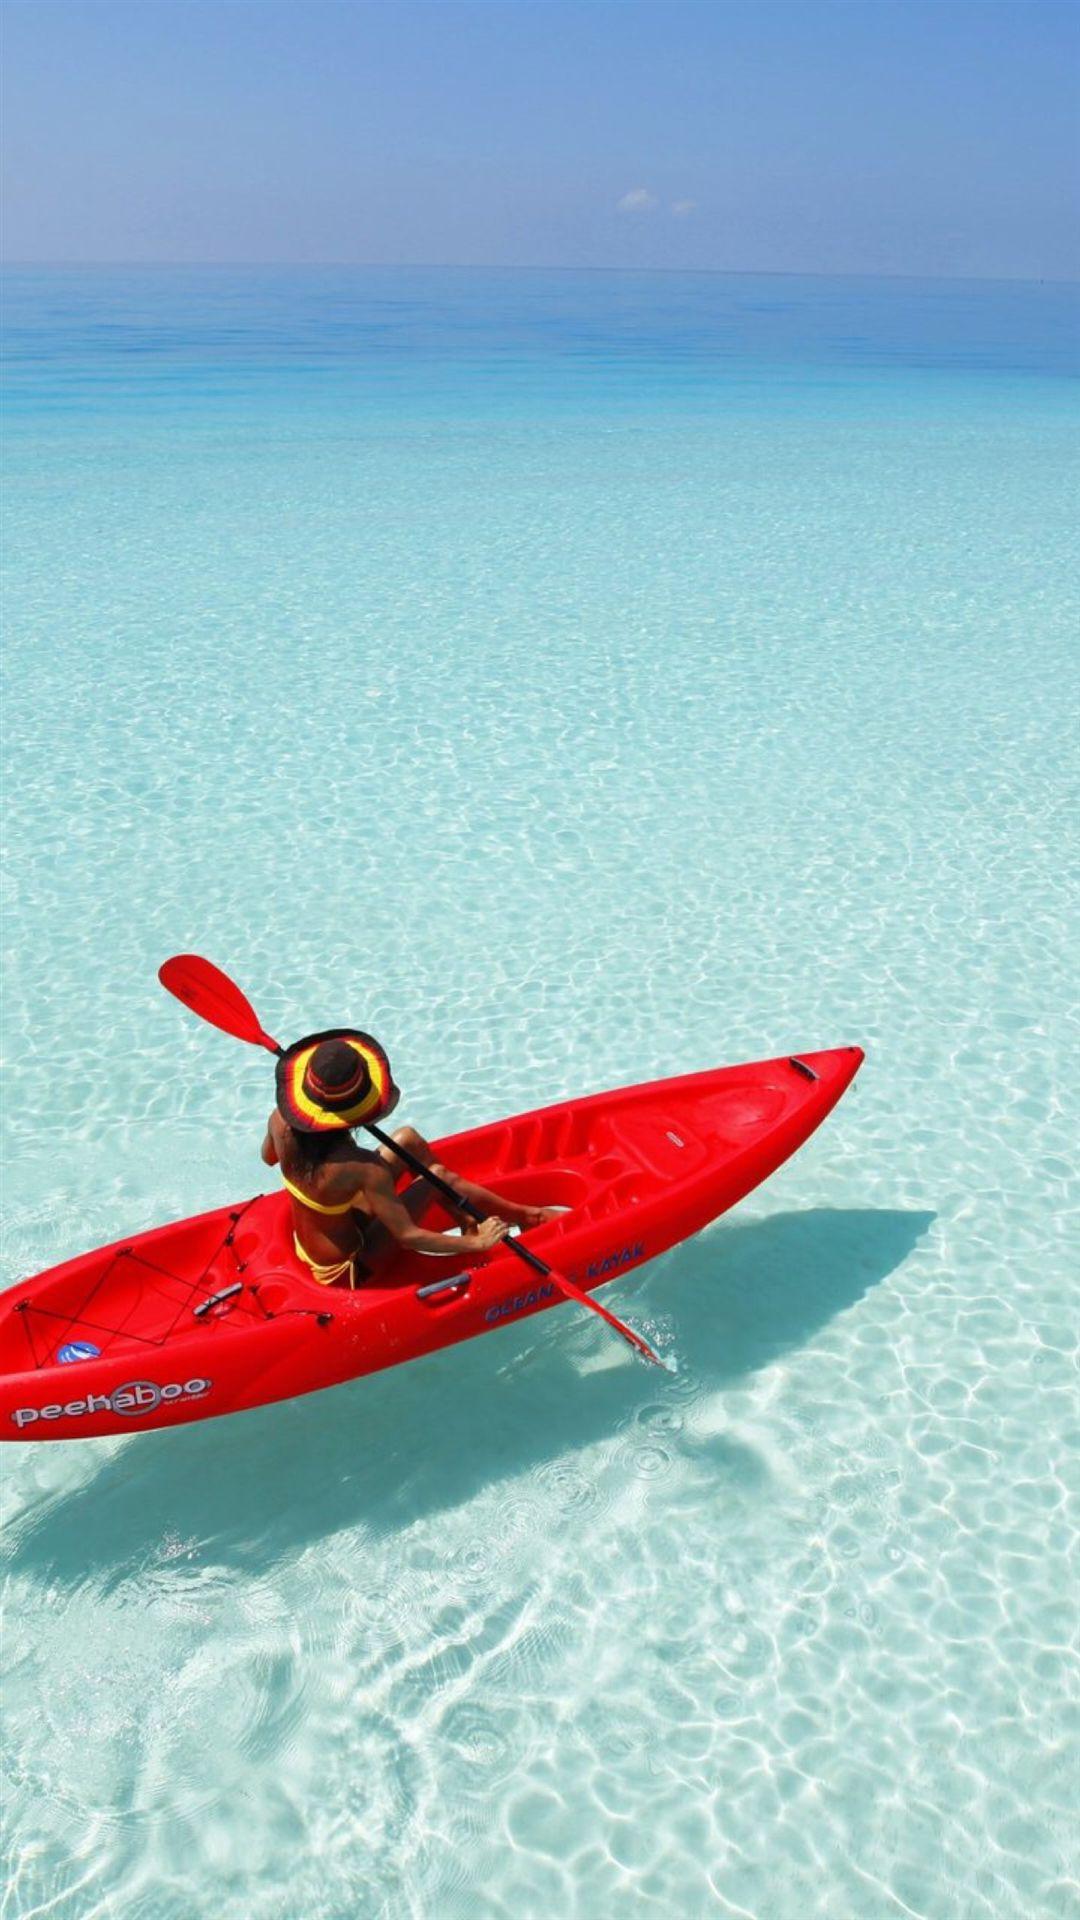 Wallpaper iphone sea - Kayak Boating Sports Nature Sea View Iphone 6 Plus Wallpaper